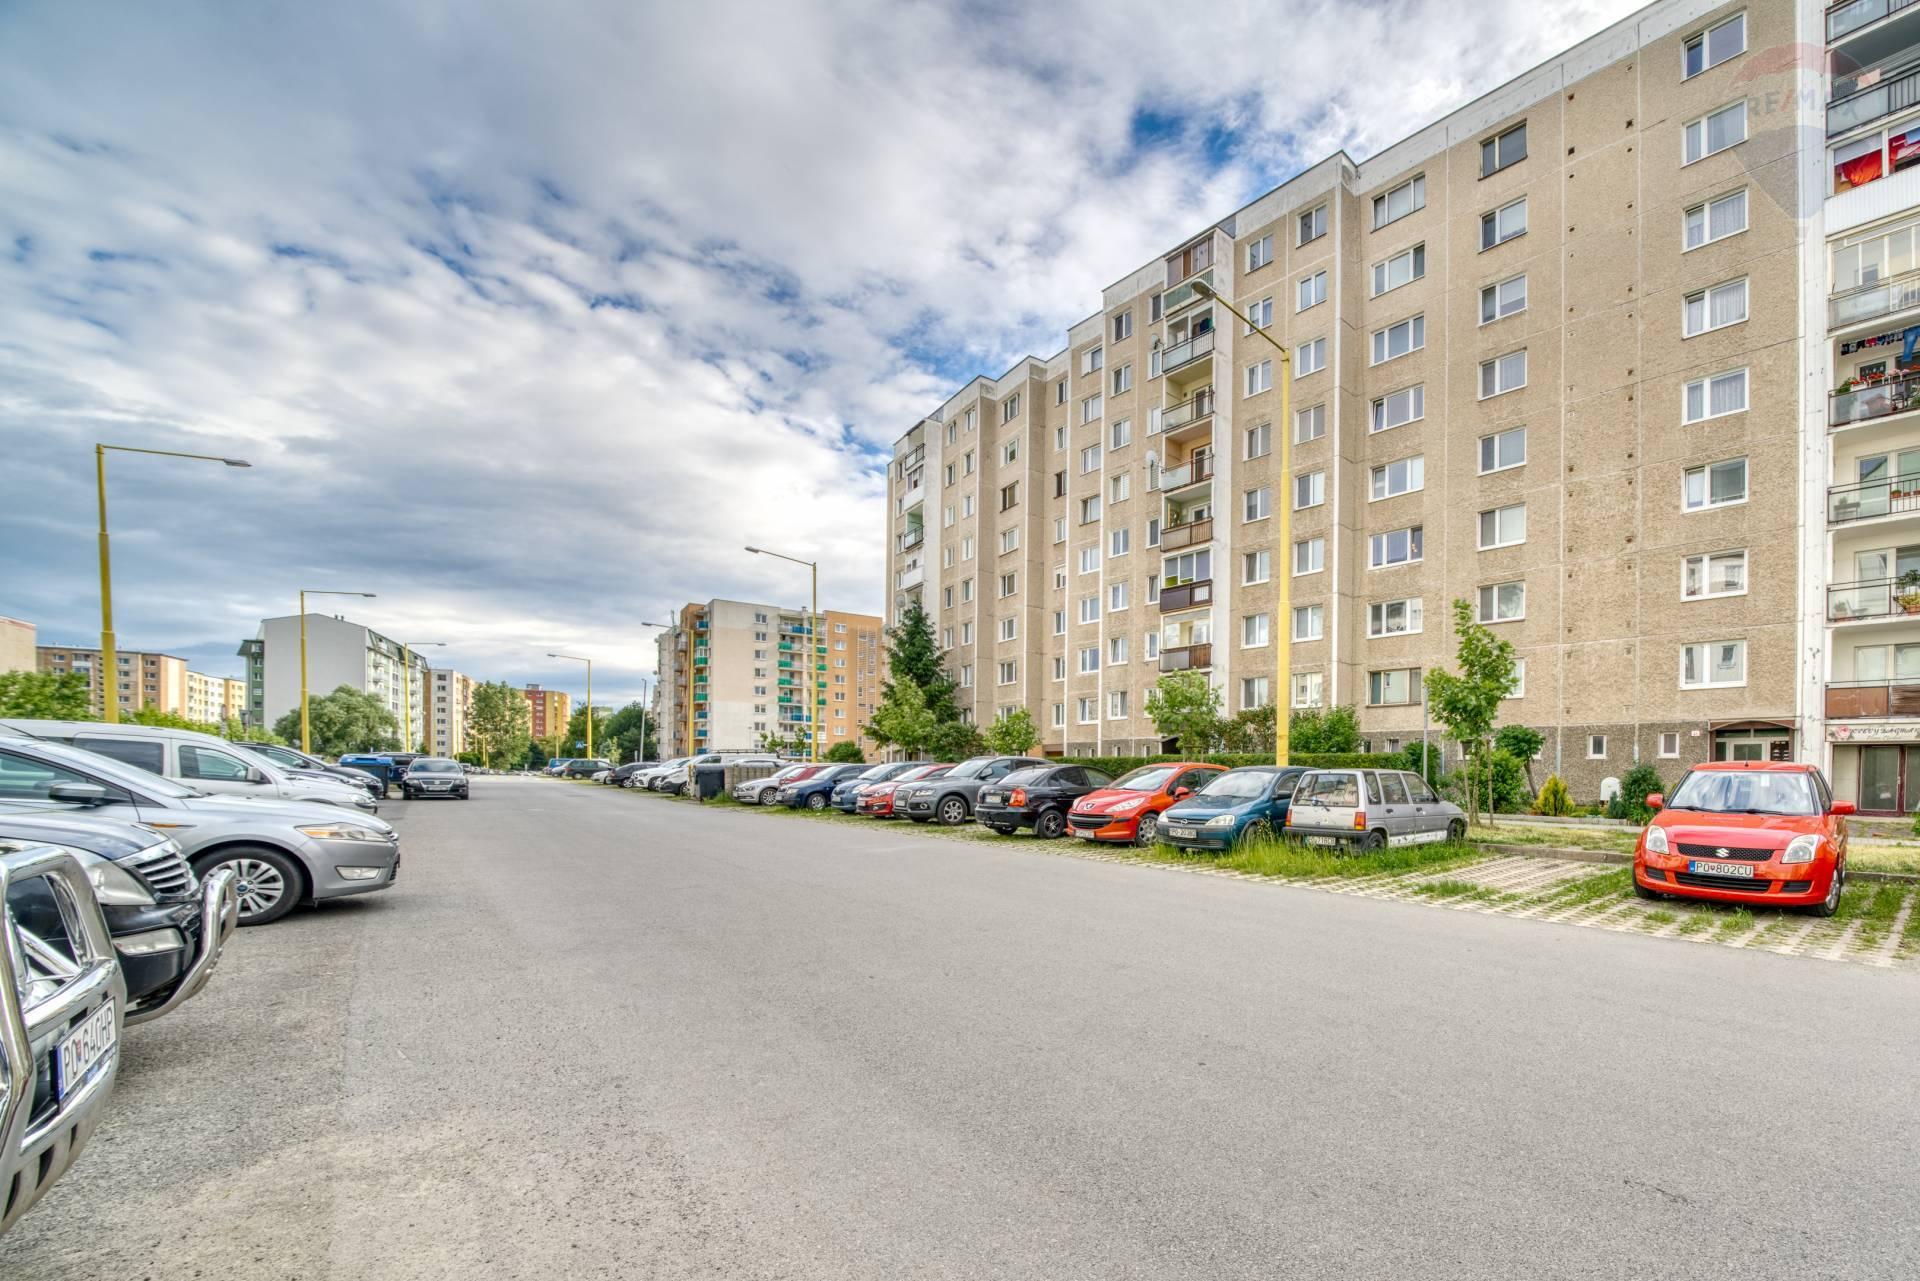 Predaj bytu (1 izbový) 42 m2, Prešov - 1 izbový byt na predaj, Prešov